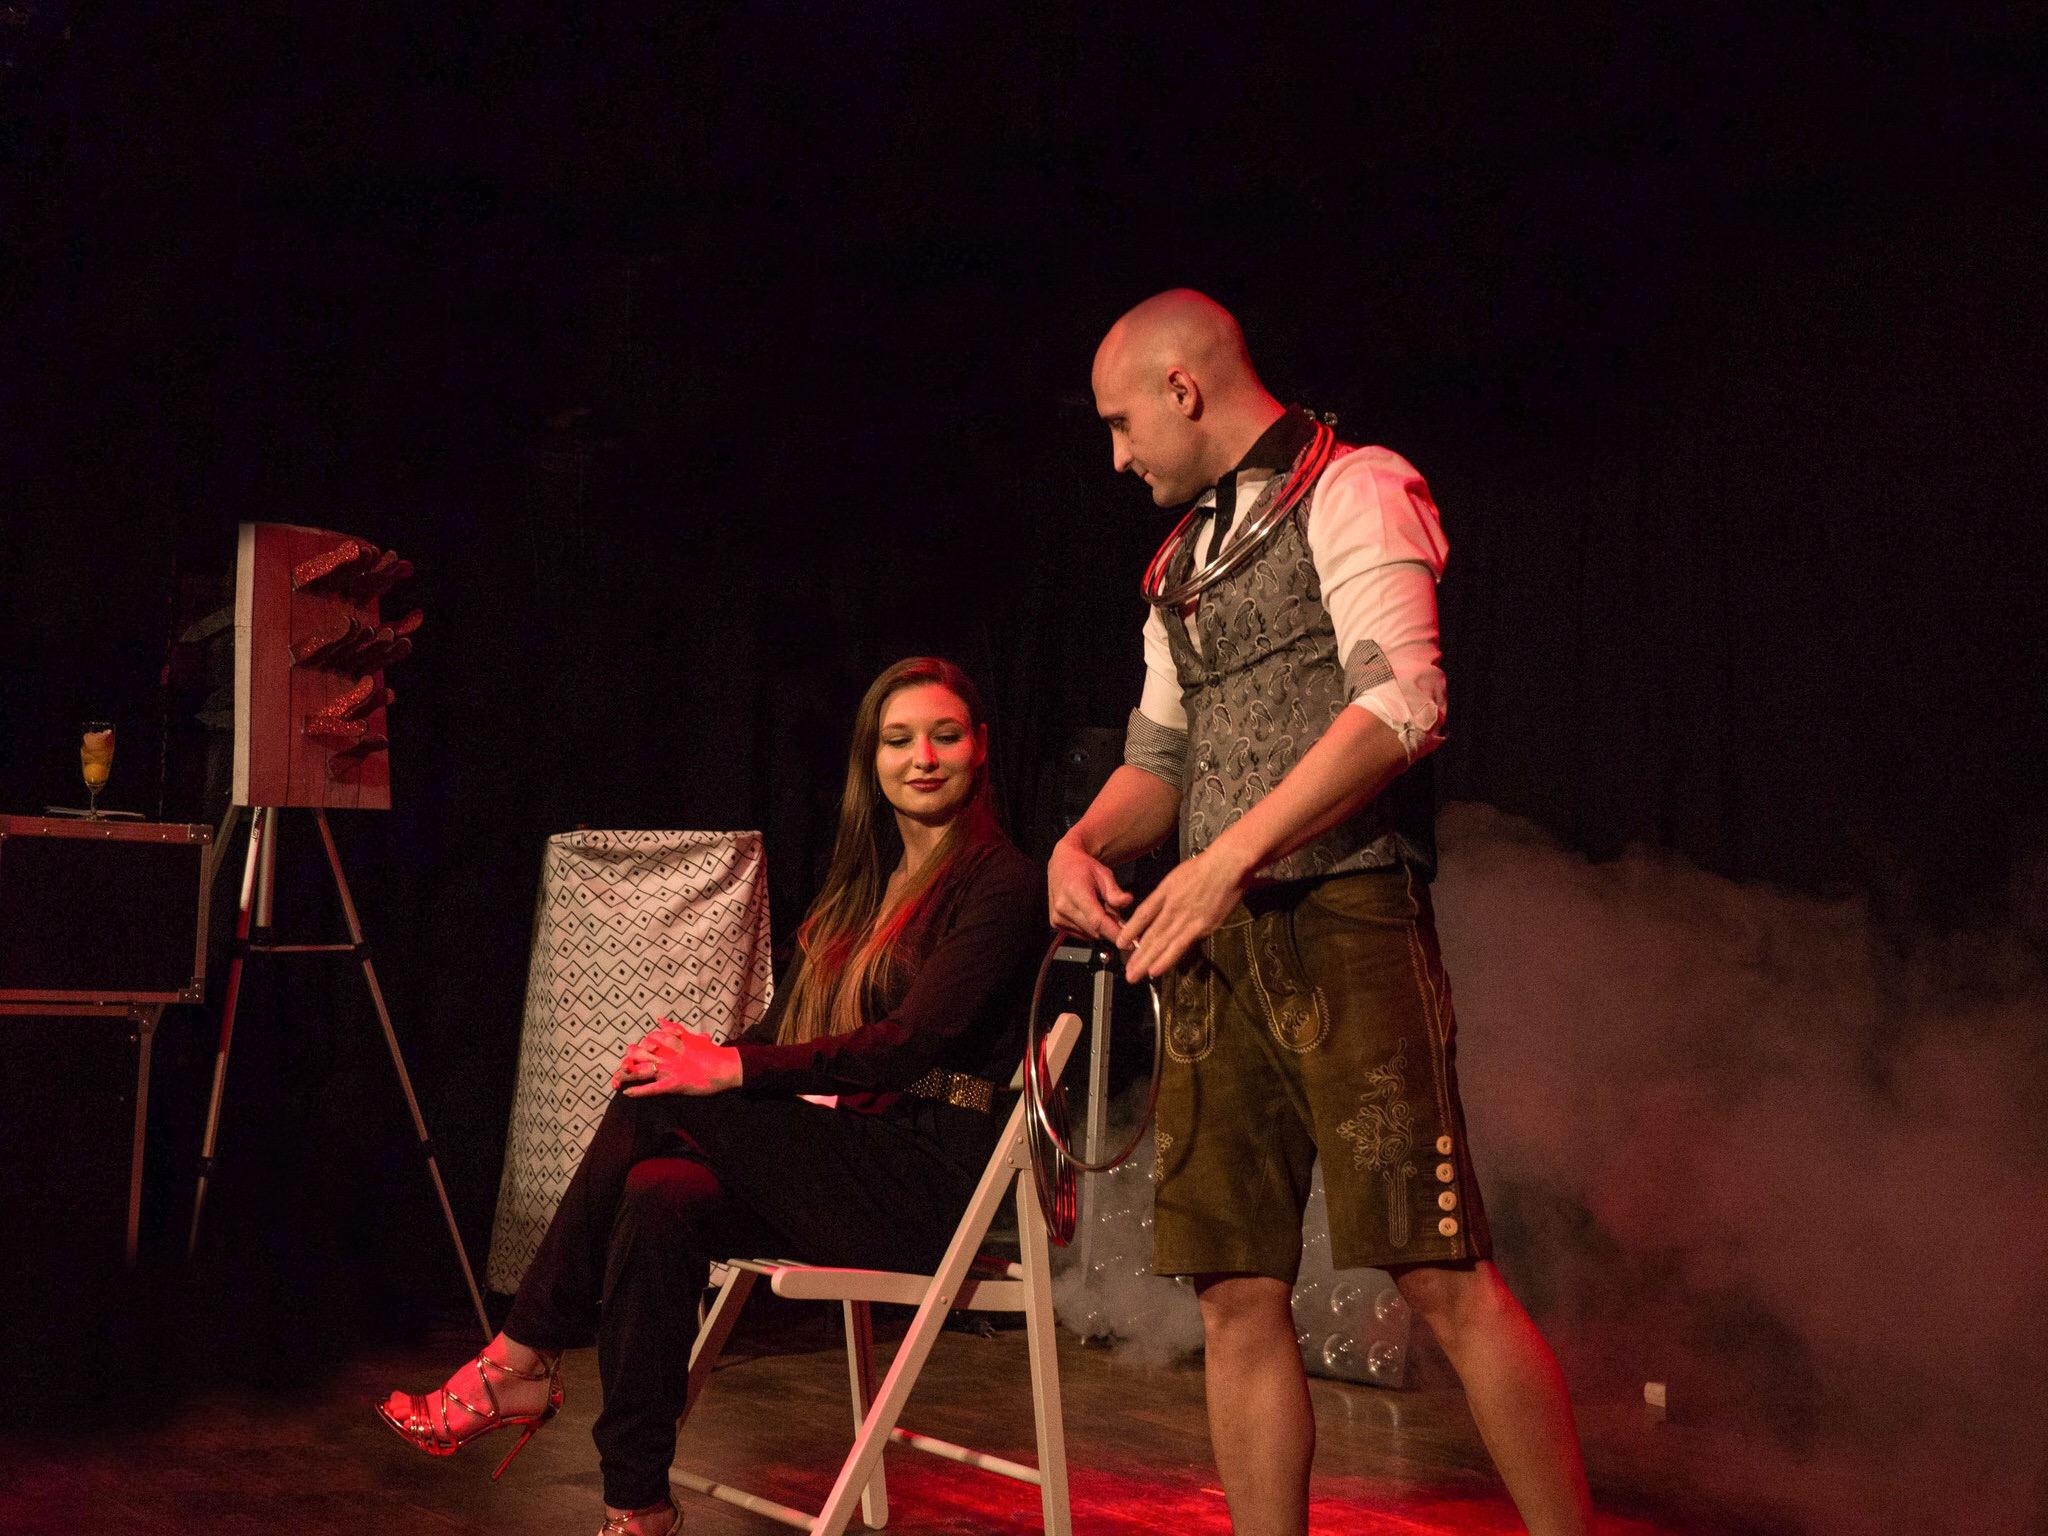 Johnny Diablo - Stage Show Wien Austria